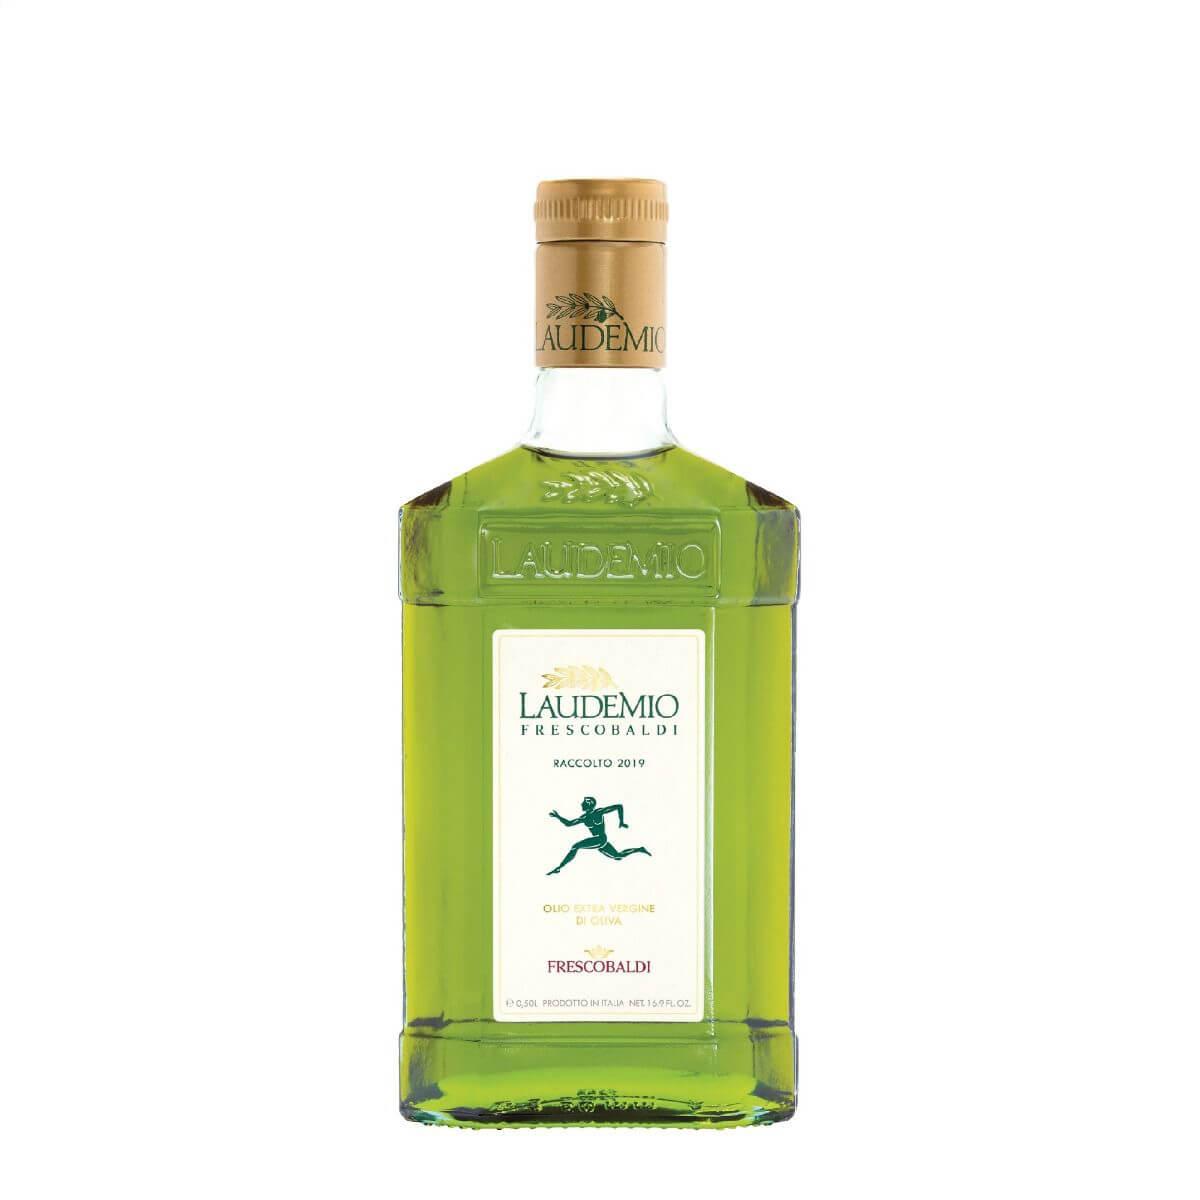 L'olio extravergine di oliva Laudemio Frescobaldi